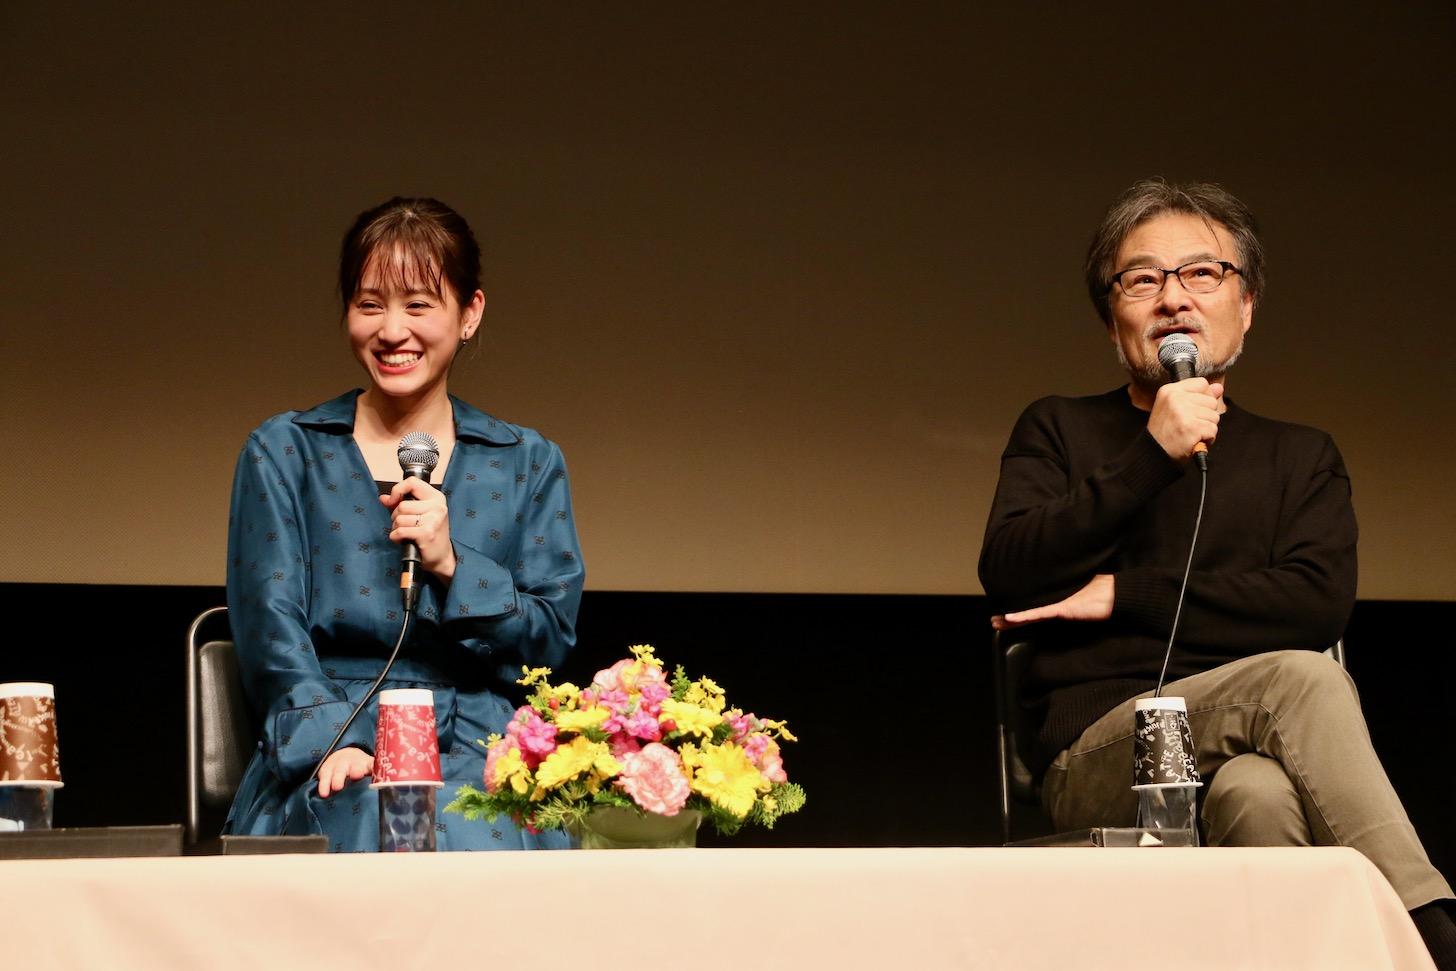 前田敦子さんと黒沢清監督 第29回映画祭TAMA CINEMA FORUM